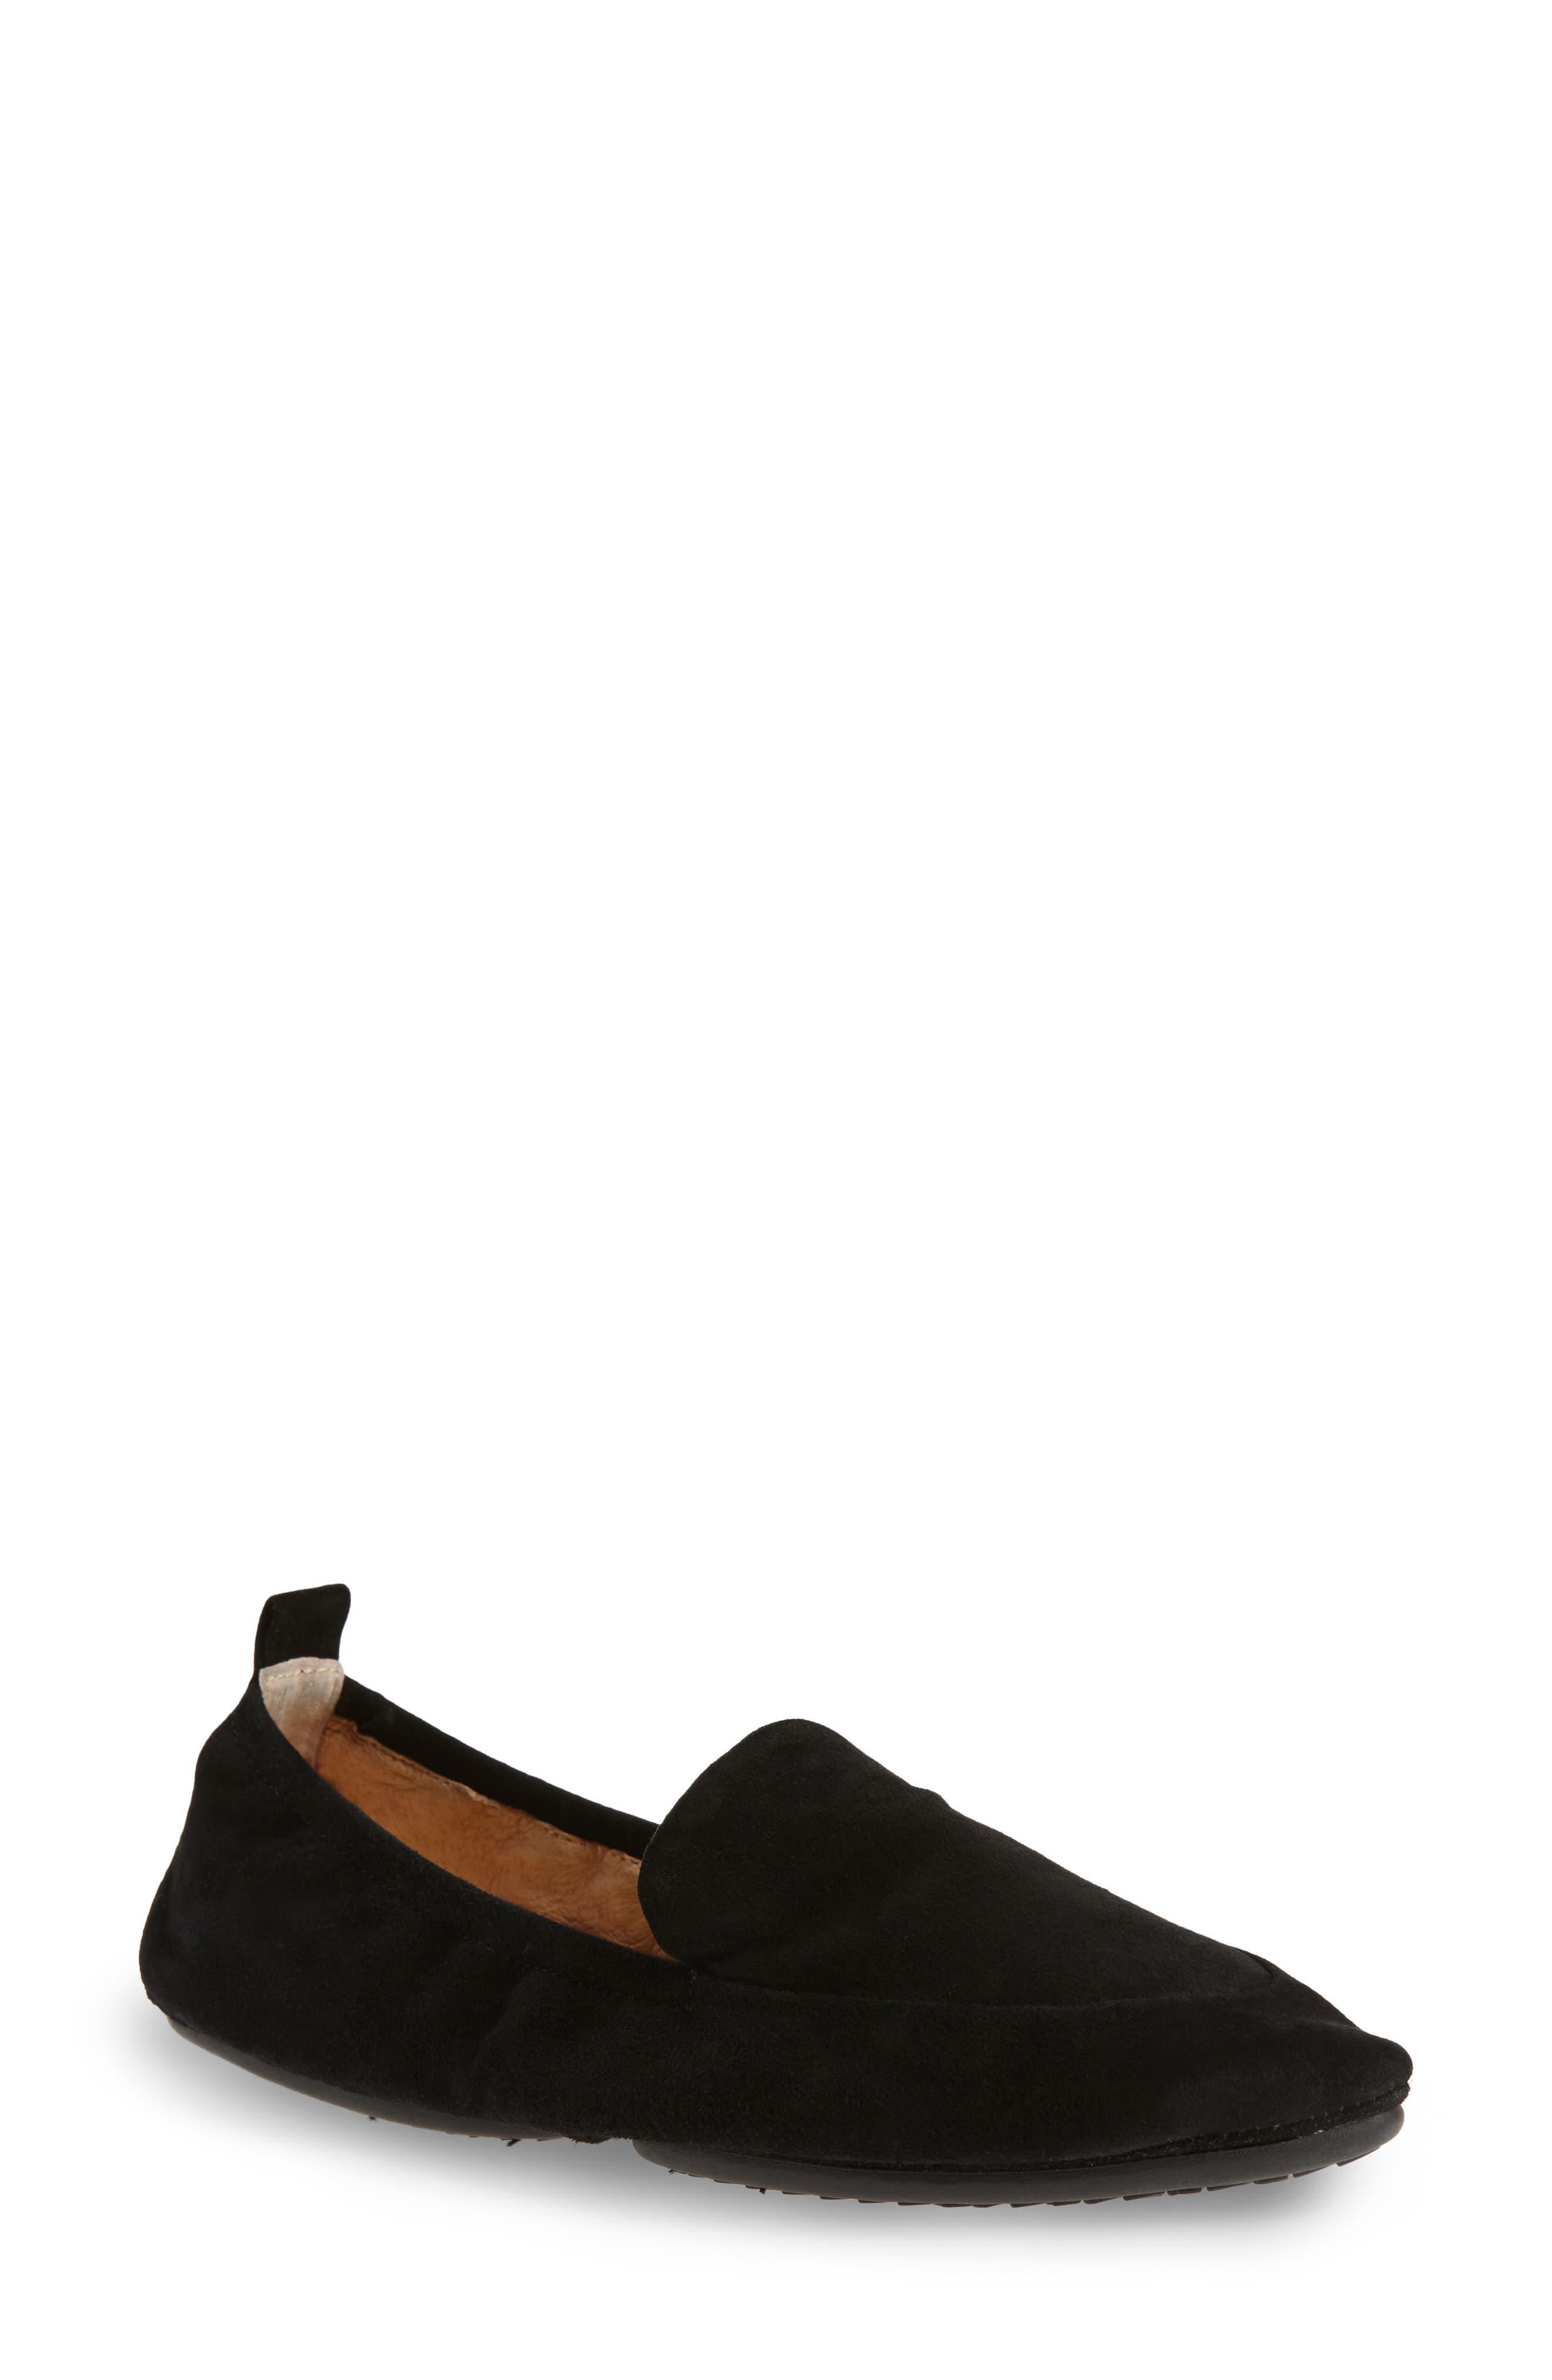 Skyler Foldable Flat,                         Main,                         color, Black Suede